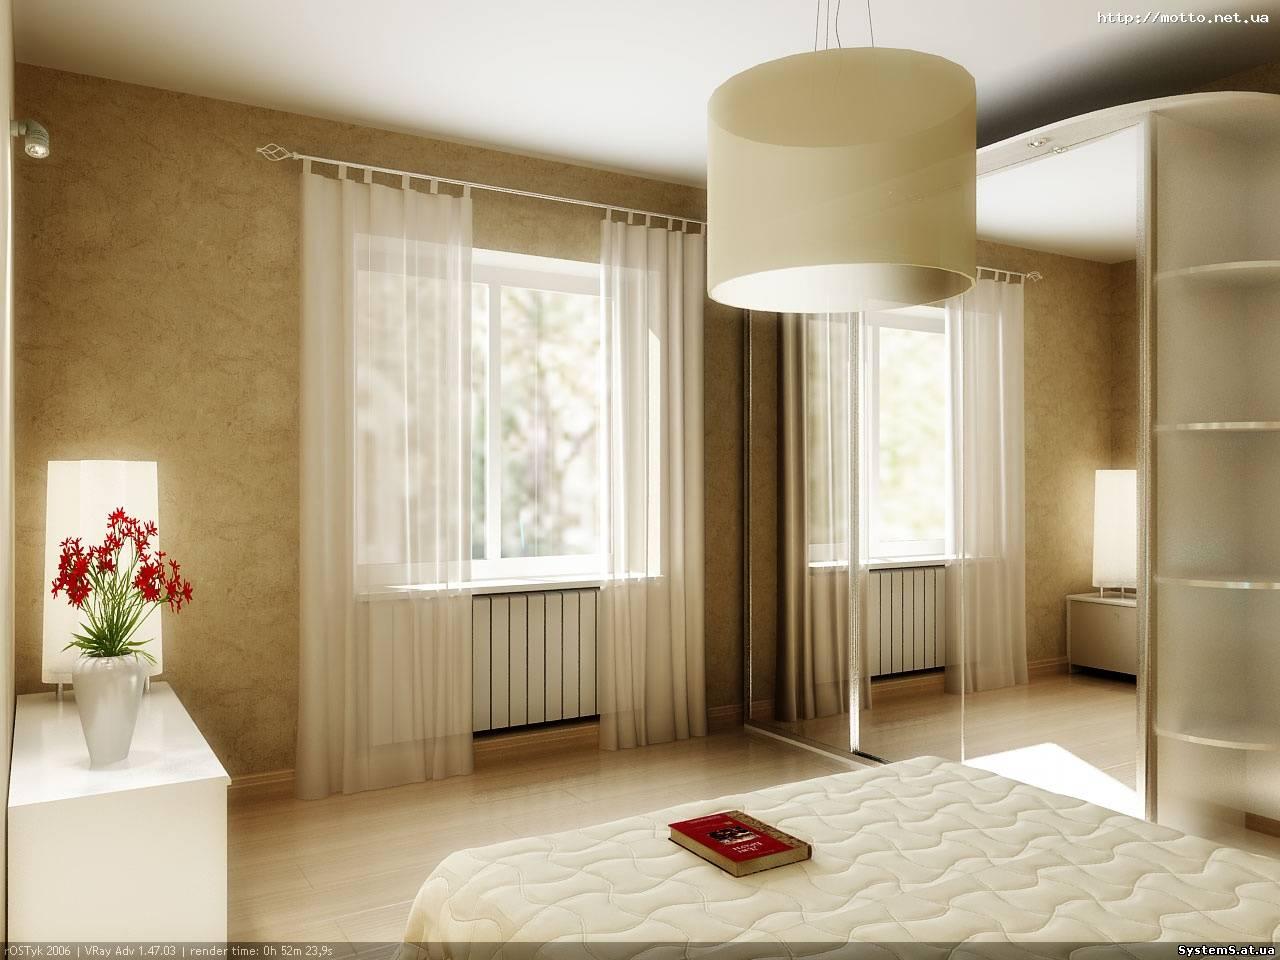 Комната с 2 окнами на одной стене